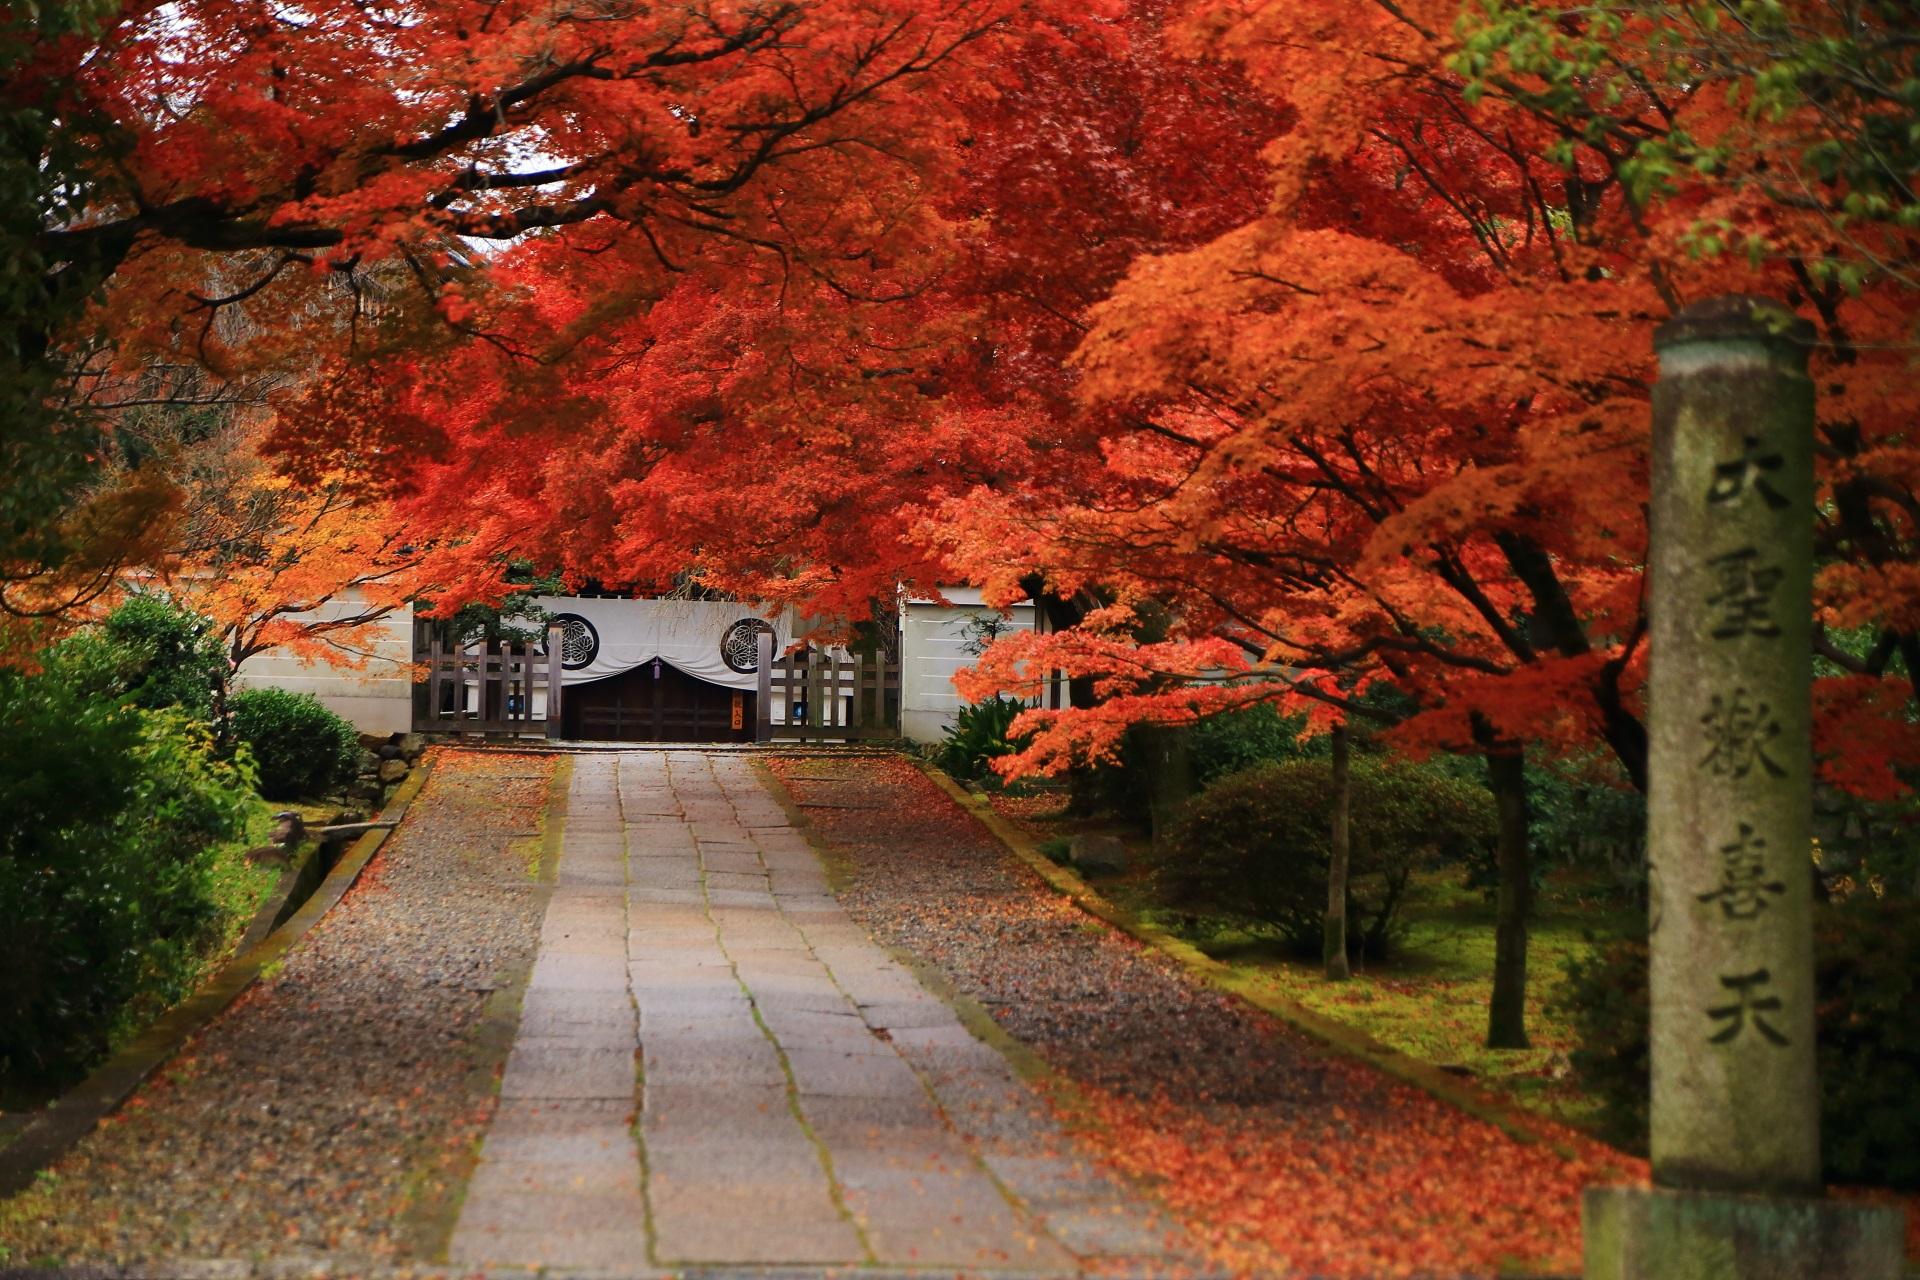 養源院の玄関前の素晴らしい紅葉と秋の情景